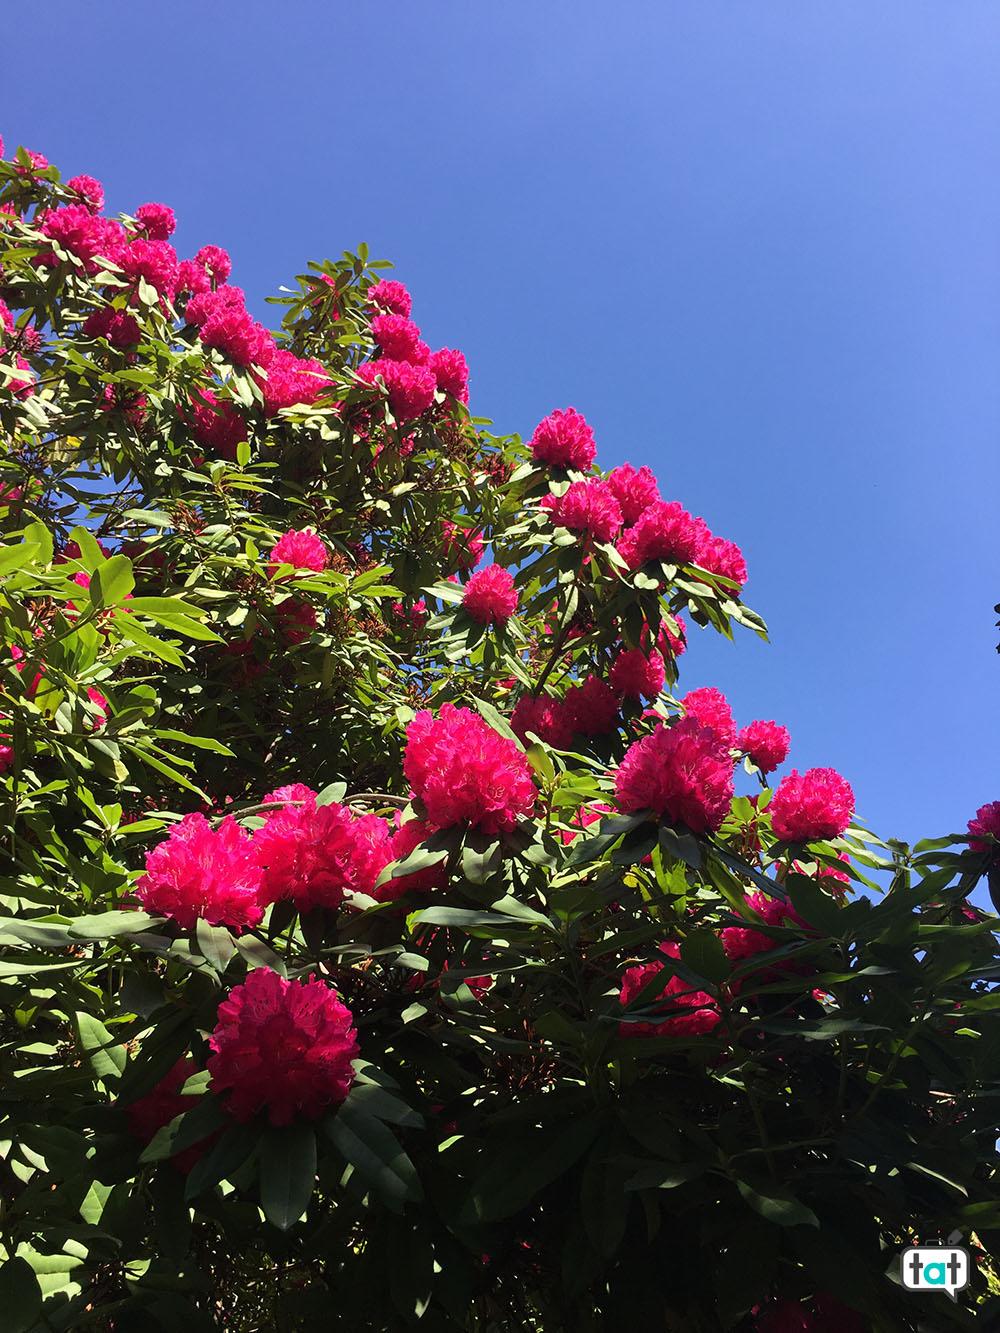 villa carlotta giardino rododendri